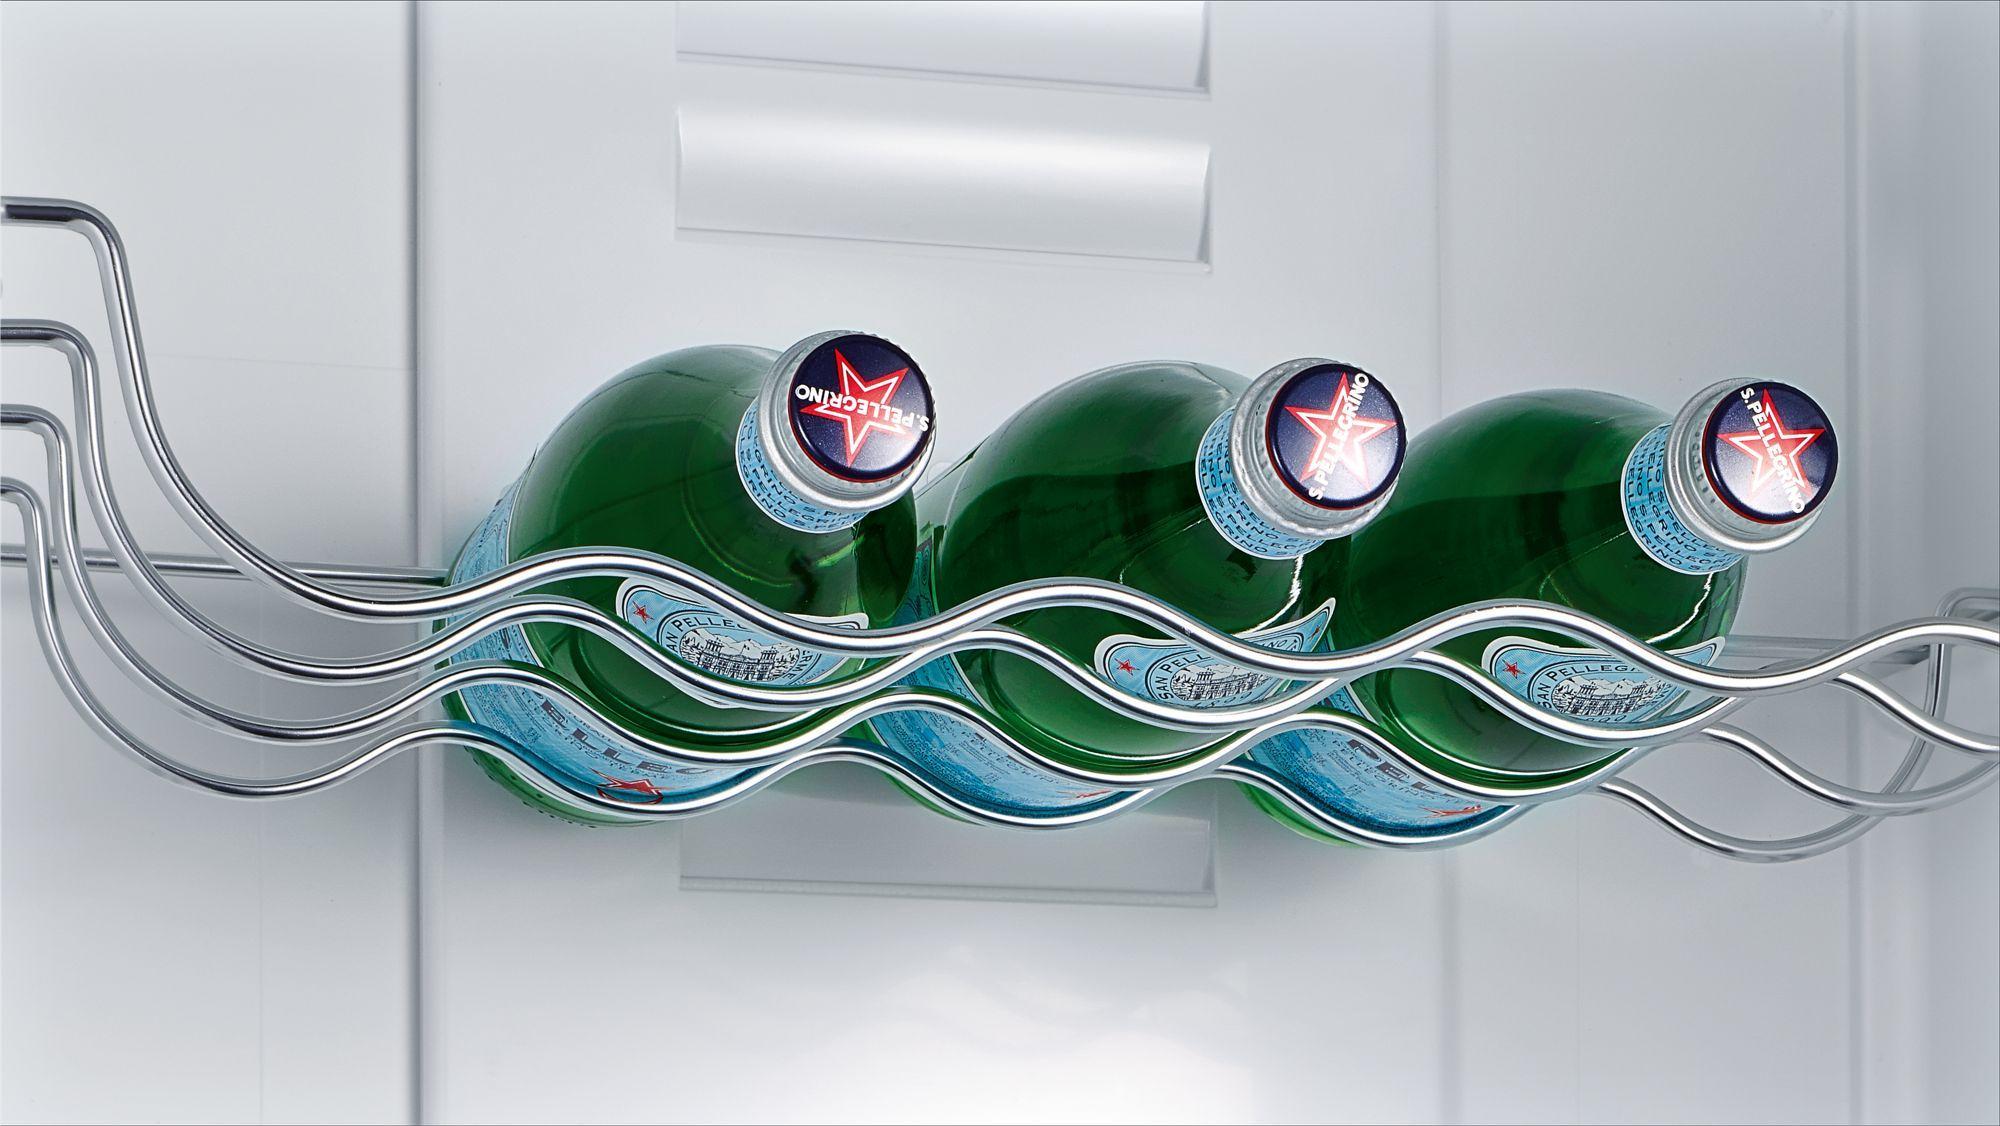 Kühlschrank Box : ❉vergleich von kühlschrank box modellen alltagsprodukte für